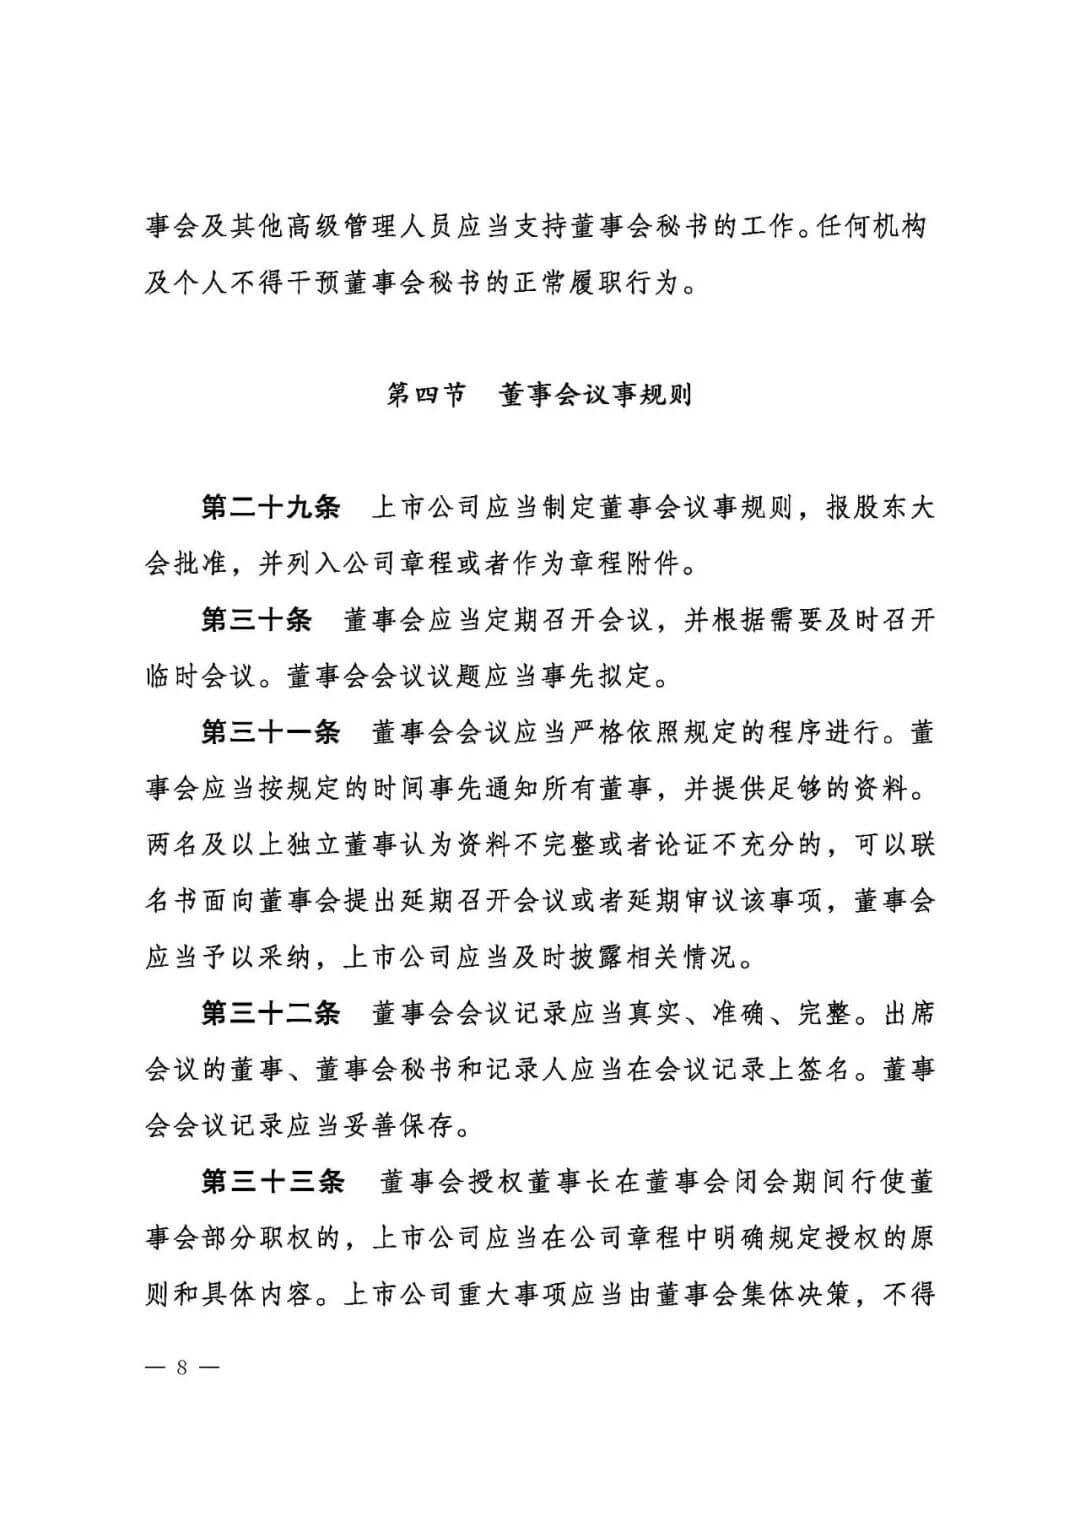 证监会发布新版《上市公司治理准则》(附全文)